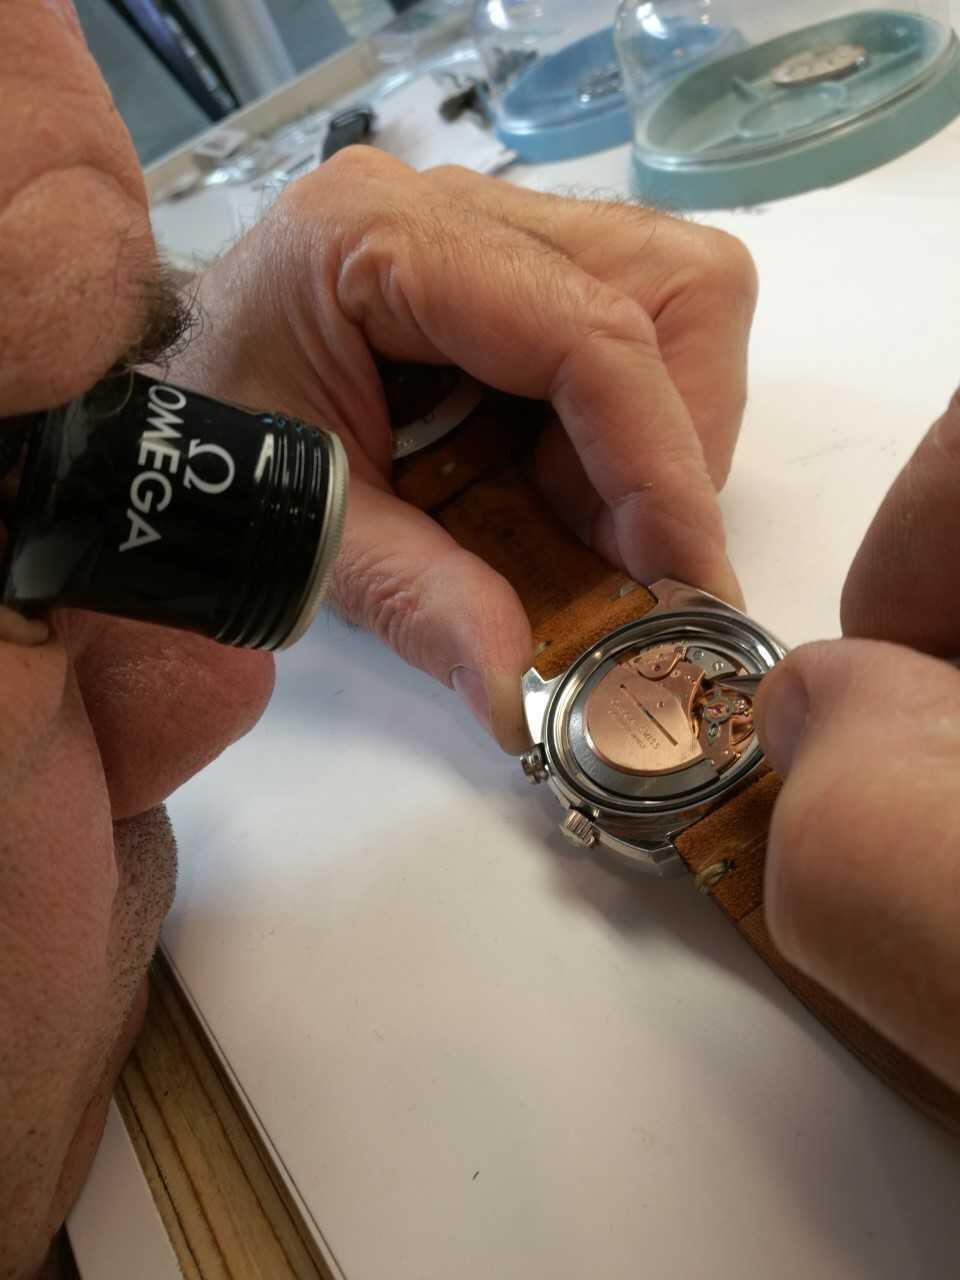 Vintage-malleissa on hienoutta ja upeaa tutkittavaa. Kelloseppä Pasi Viljasen osaaviin käsiin päätyi mm. kuvassa näkyvä 1970-luvun erikoisuus, Omega Memomatic. Työ lähti prosessin mukaisesti liikkeelle alkutarkastuksella ja Omegan tehtaan huoltoportaalin kautta lähteneellä varaosatilauksella.